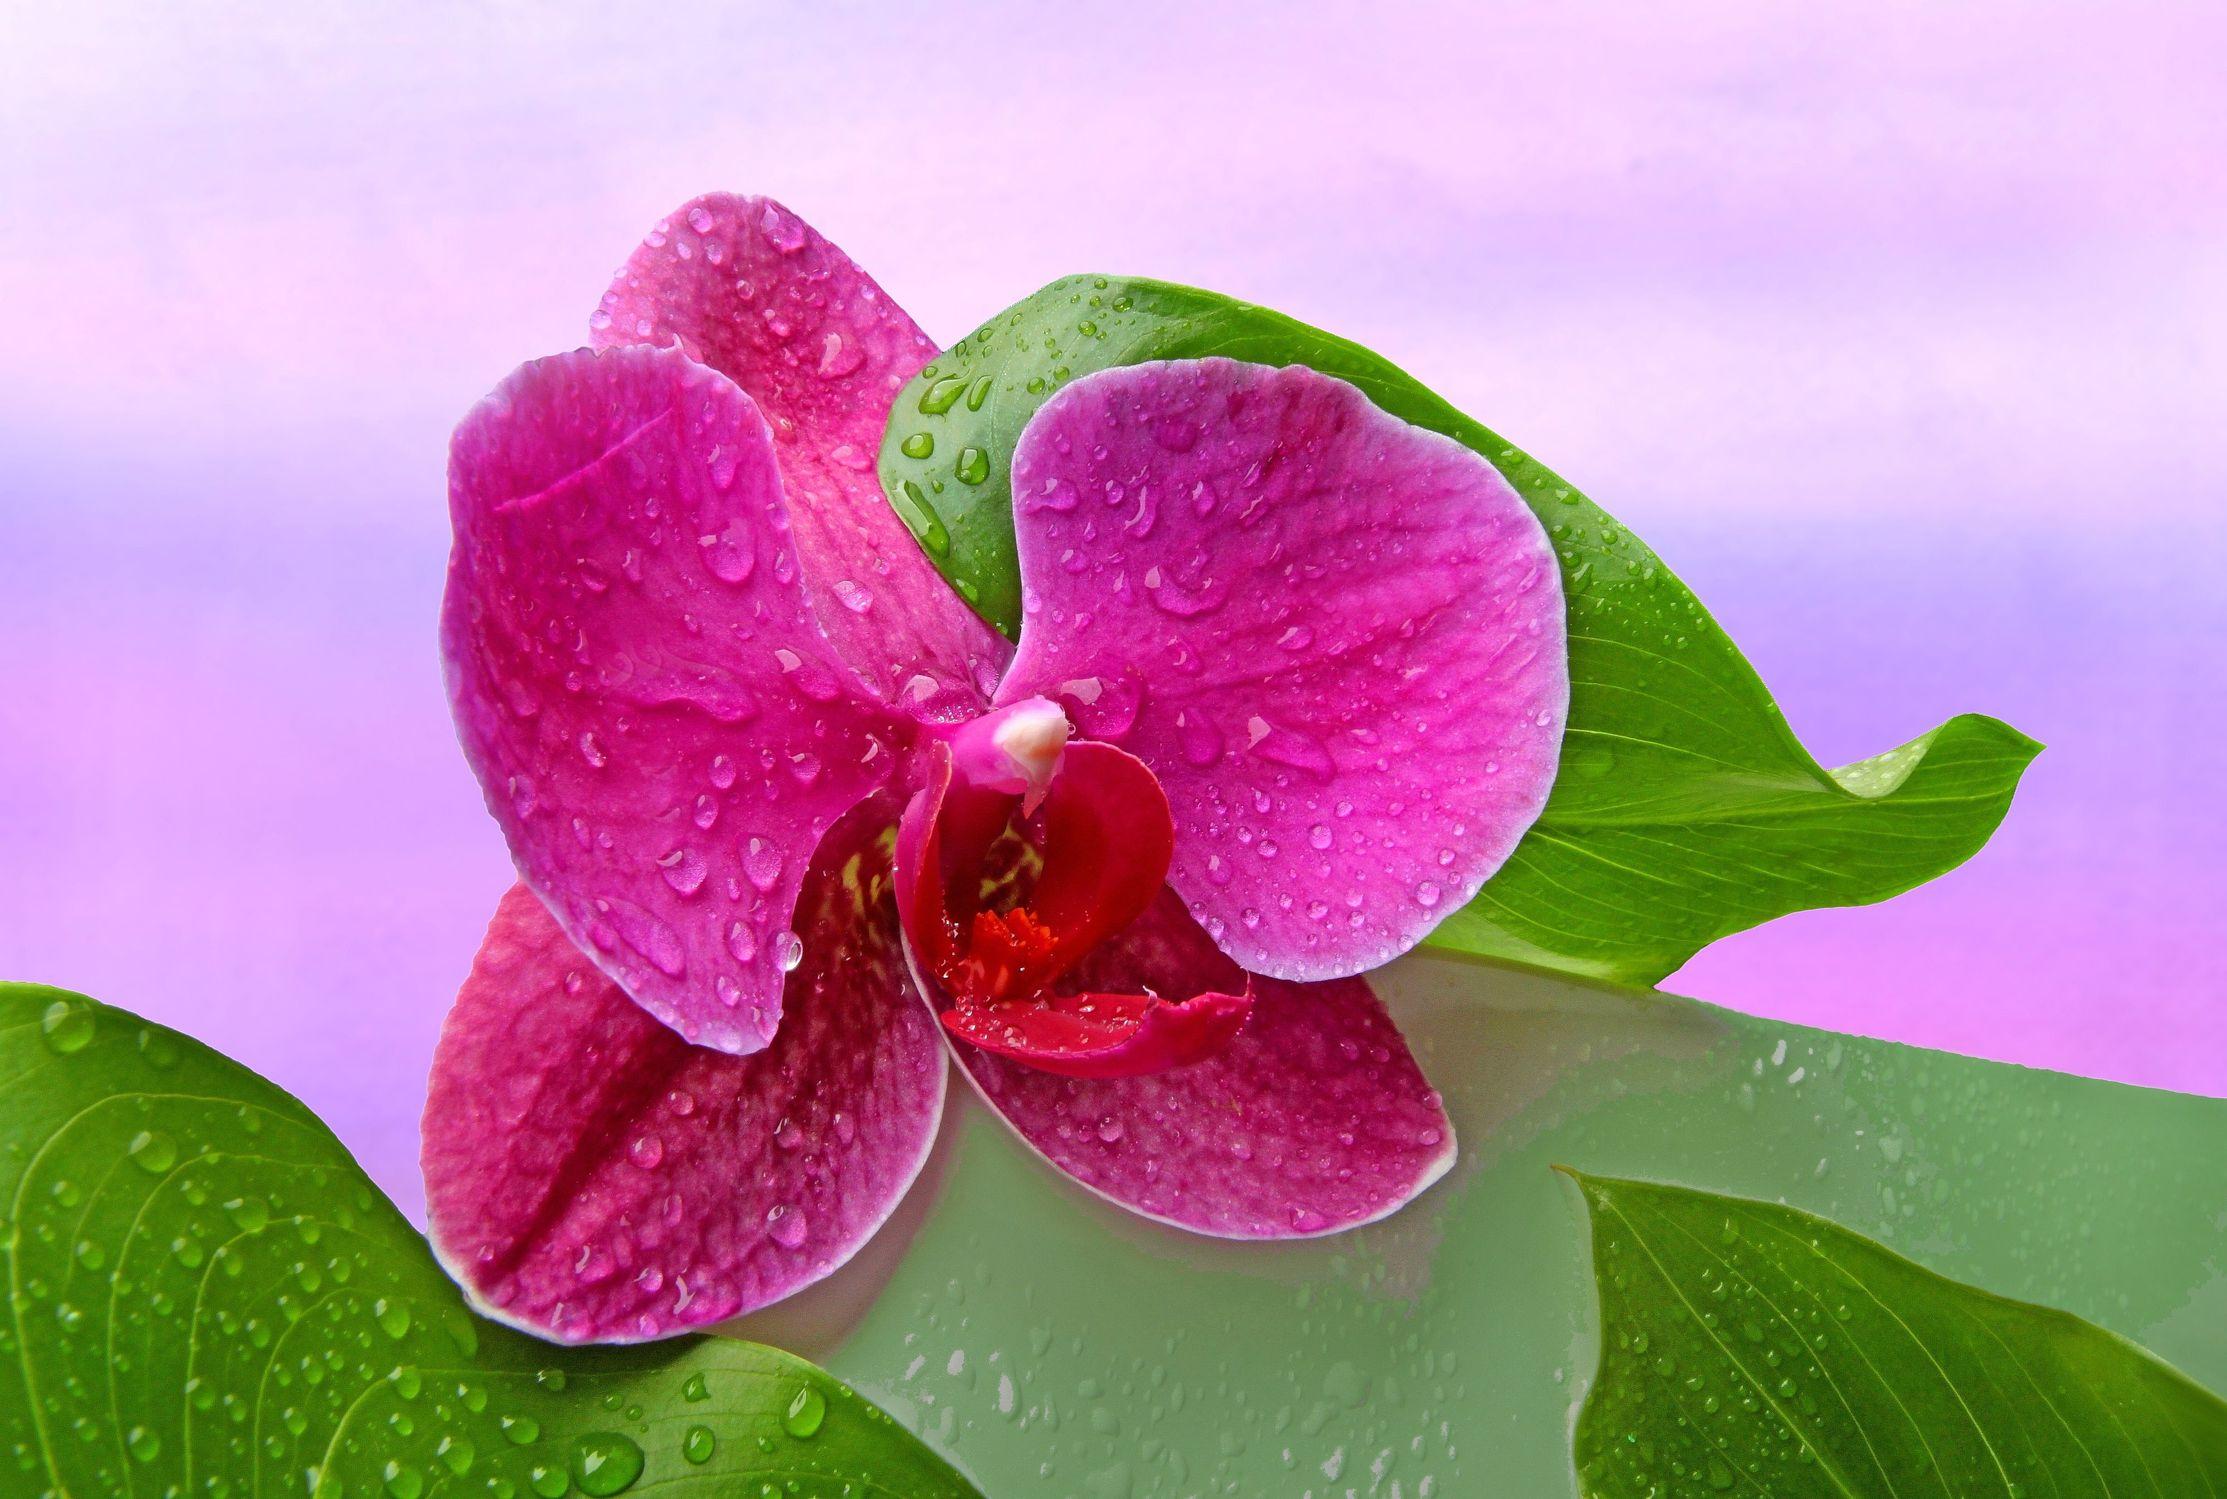 Bild mit Pflanzen, Blumen, Orchideen, Blätter, Blume, Orchidee, Pflanze, Blatt, Wassertropfen, Stilleben, Blüten, Wellness, Textur, blüte, dekorativ, Dekoration